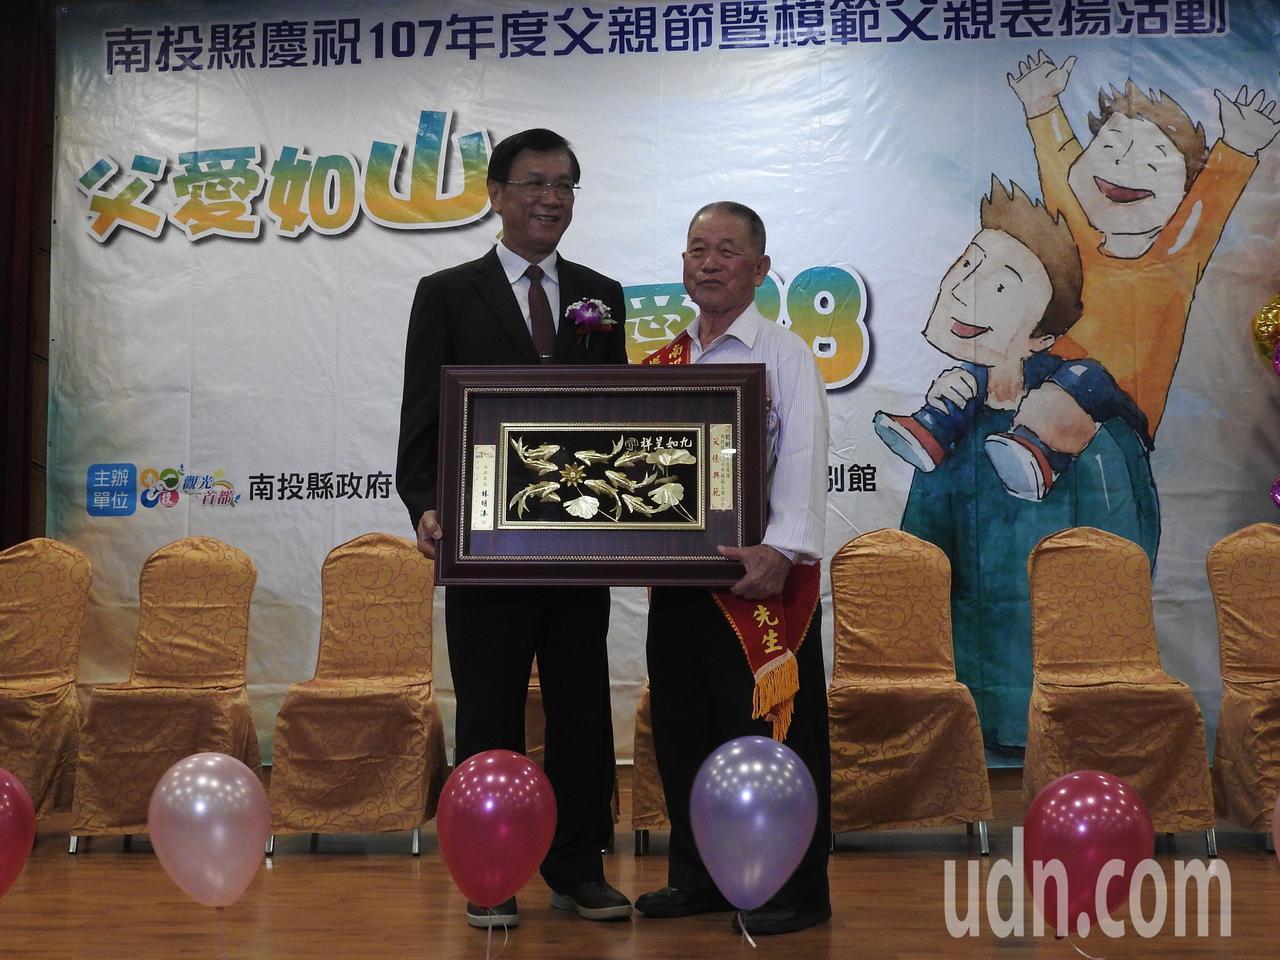 南投縣埔里鎮82歲劉樹木(右)今接受縣內模範父親表揚。記者賴香珊/攝影